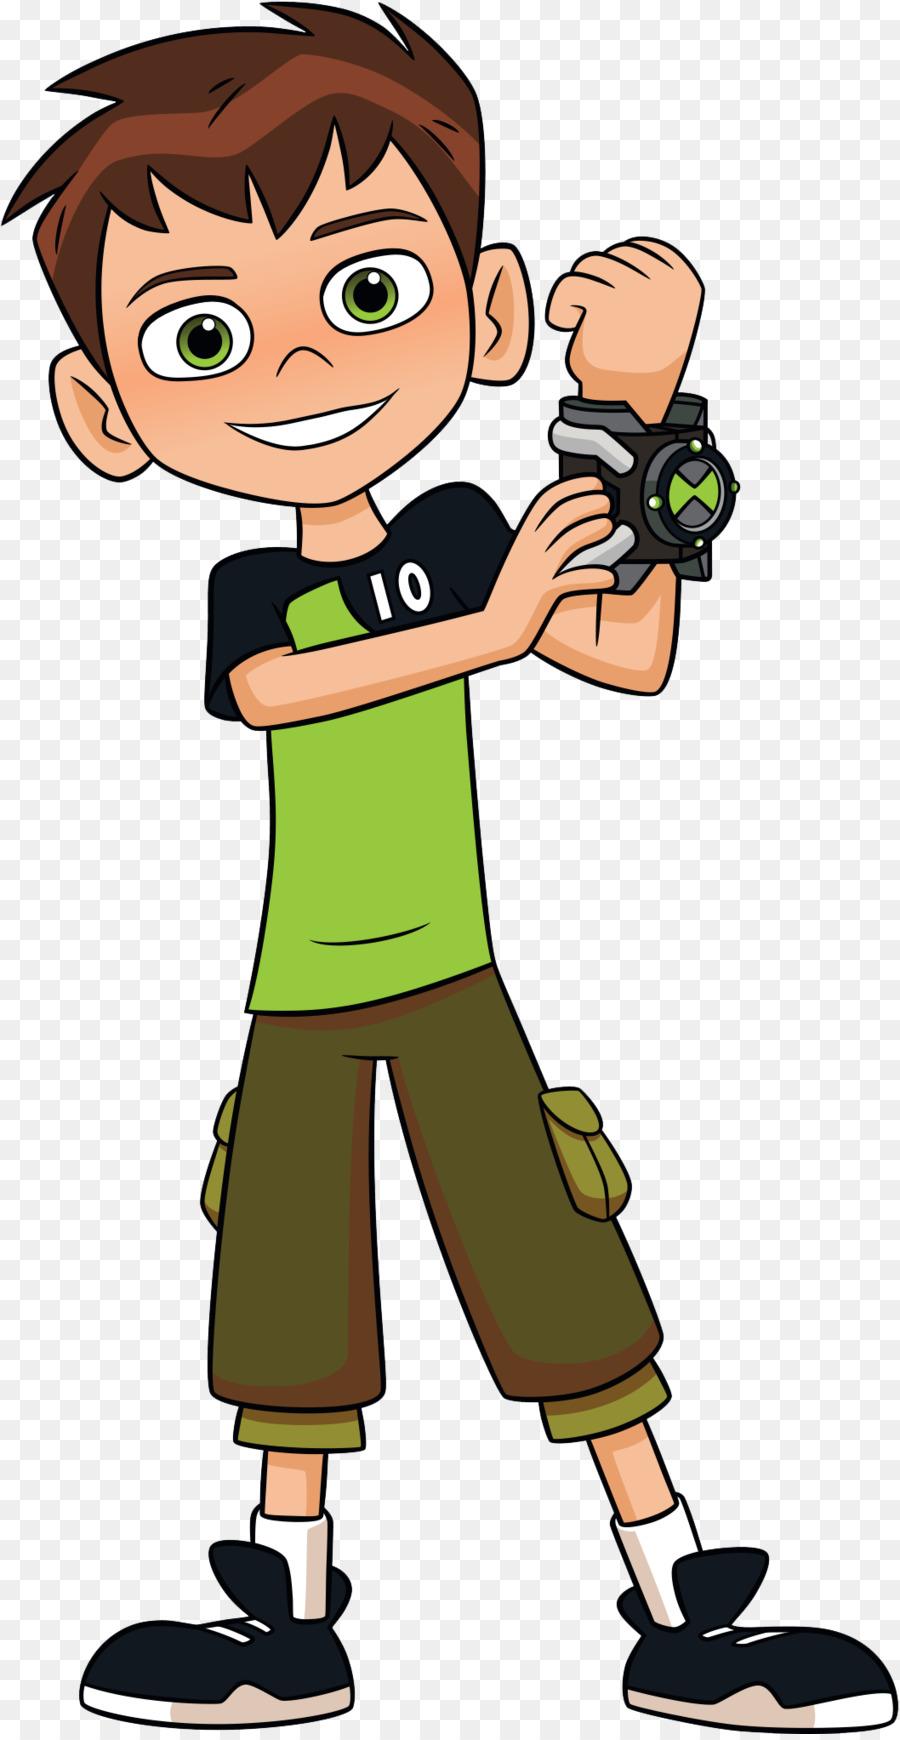 Vilgax Ben 10 Cartoon Network Reboot Character